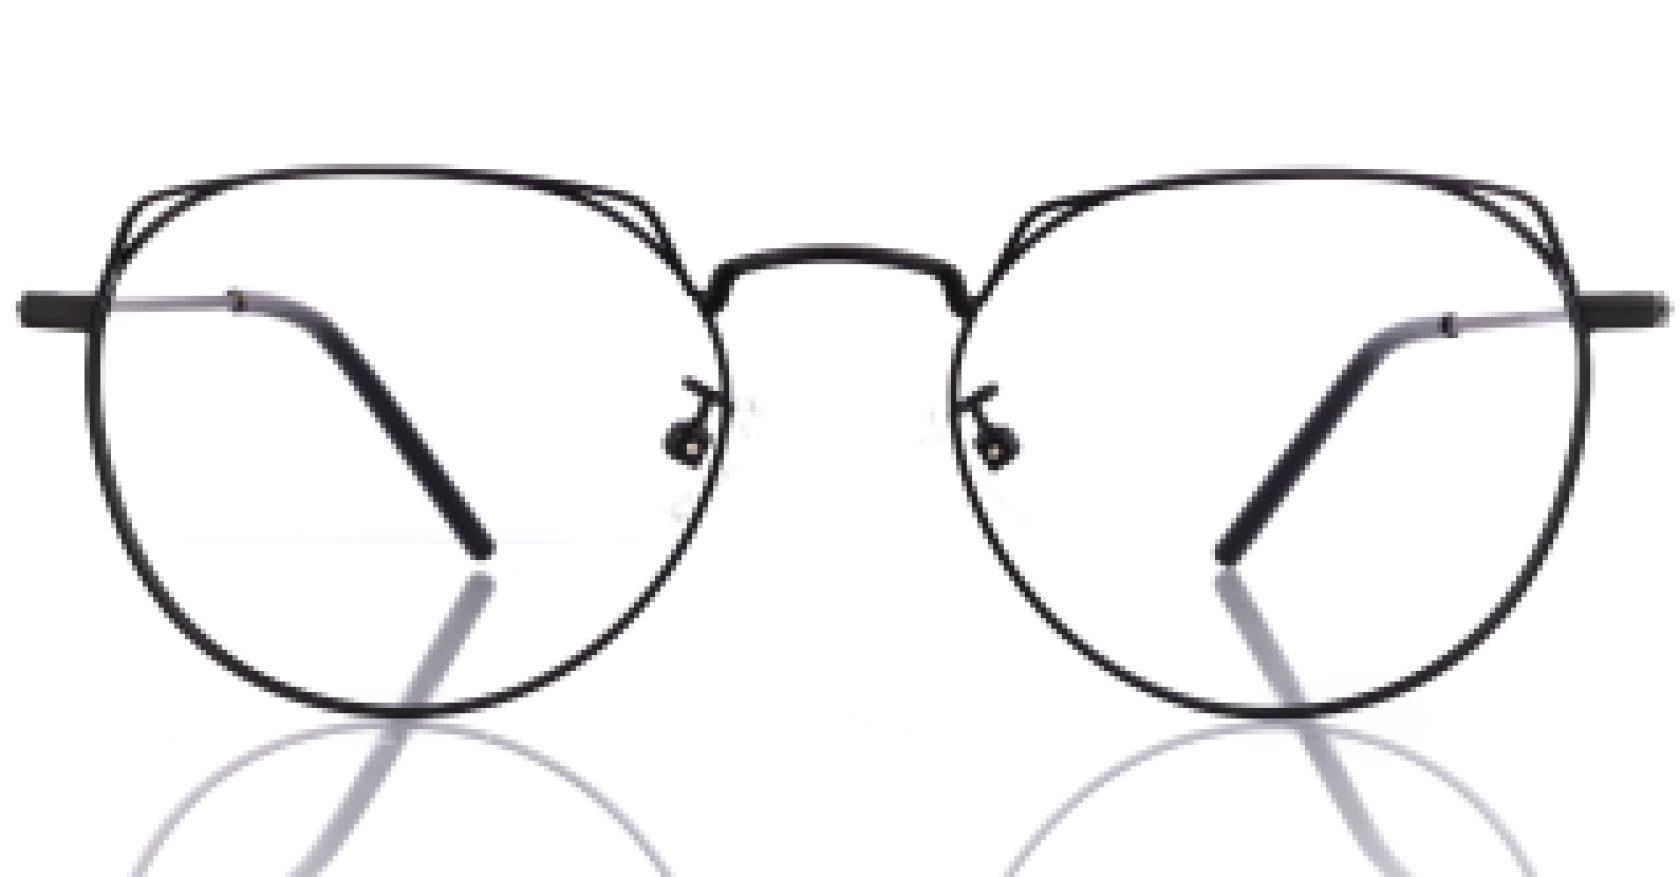 imagen miniatura frontal de la referencia 1002315